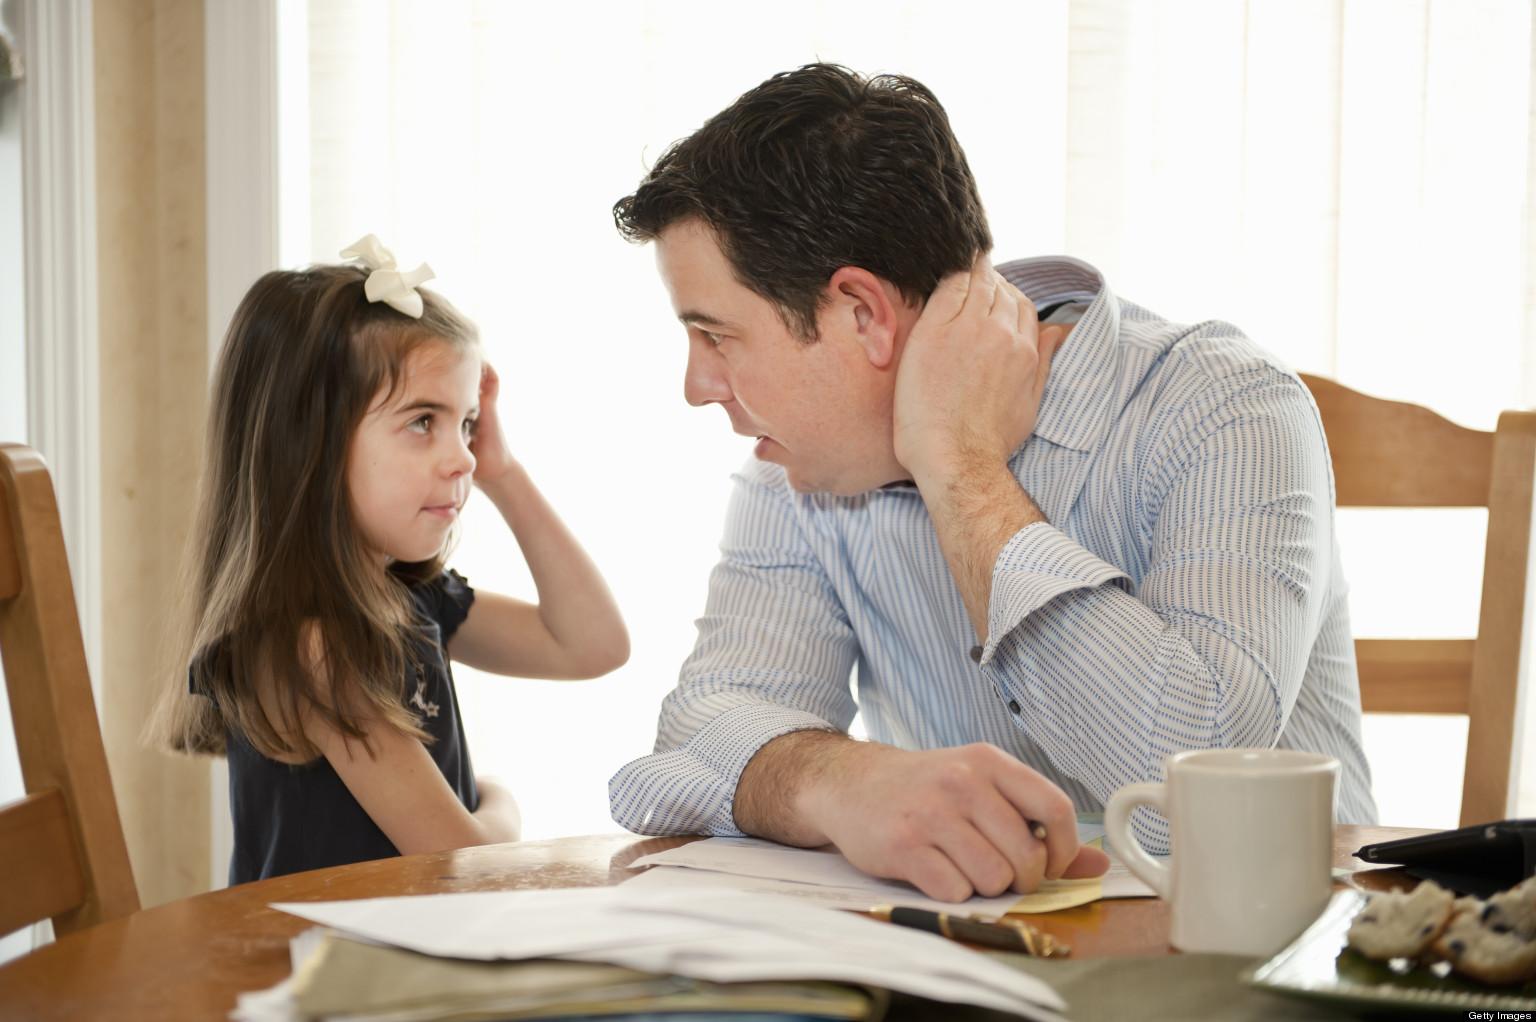 giáo dục con cái, dạy con hiếu thảo  - nguoi cha va vai tro trong viec giao duc con 2 - 4 dấu hiệu cho thấy trẻ lớn lên sẽ không biết hiếu thảo, cần sửa ngay từ bây giờ